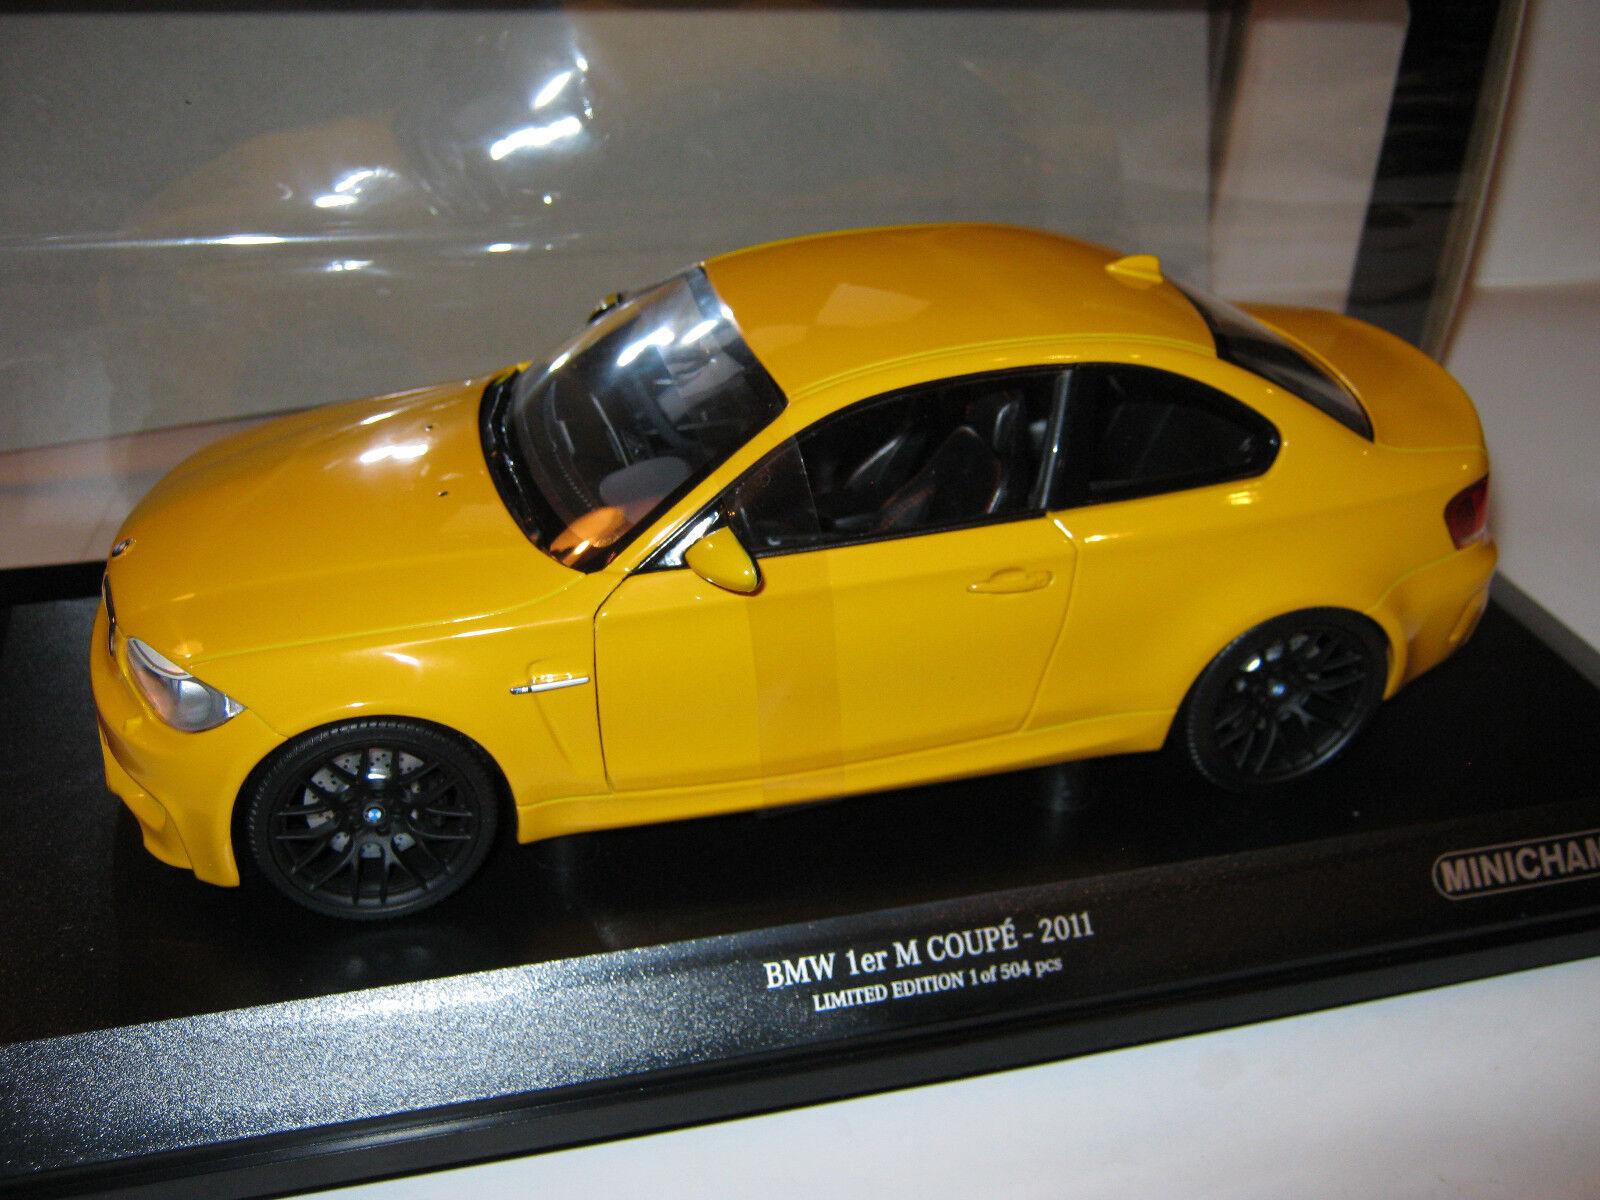 18 bmw 1 m coupé gelb 2011 1 504 minichamps 110020026 ovp neue